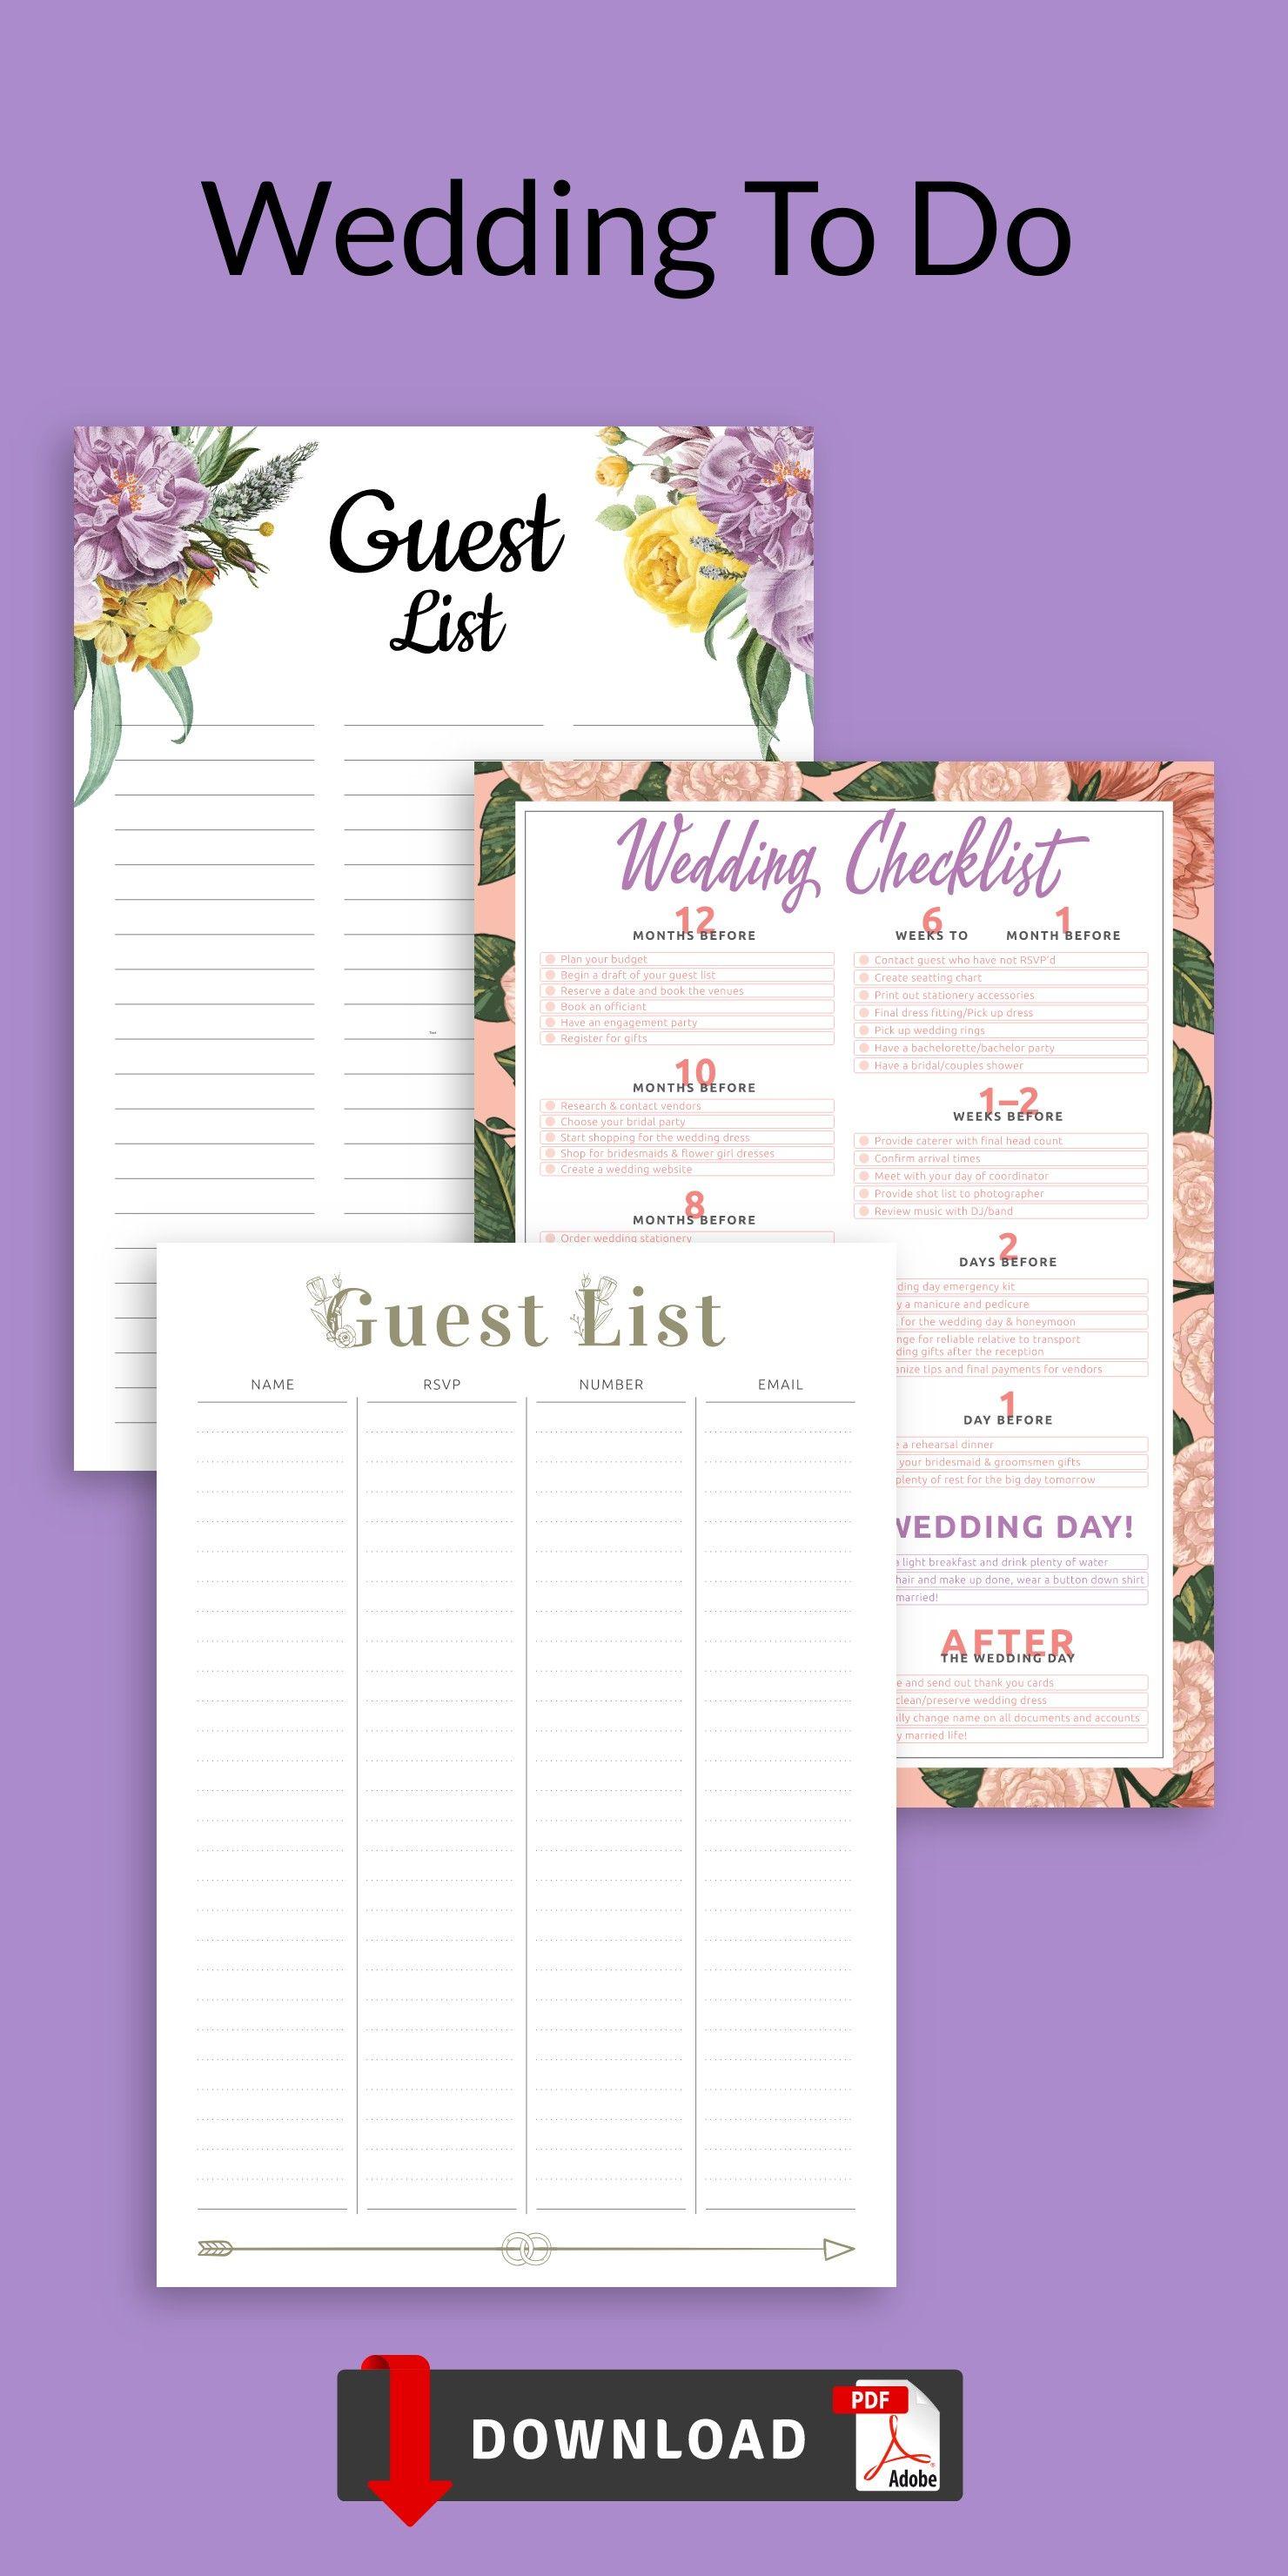 Wedding To Do List Template Wedding Checklist Wedding Etsy Wedding To Do List List Template To Do Checklist